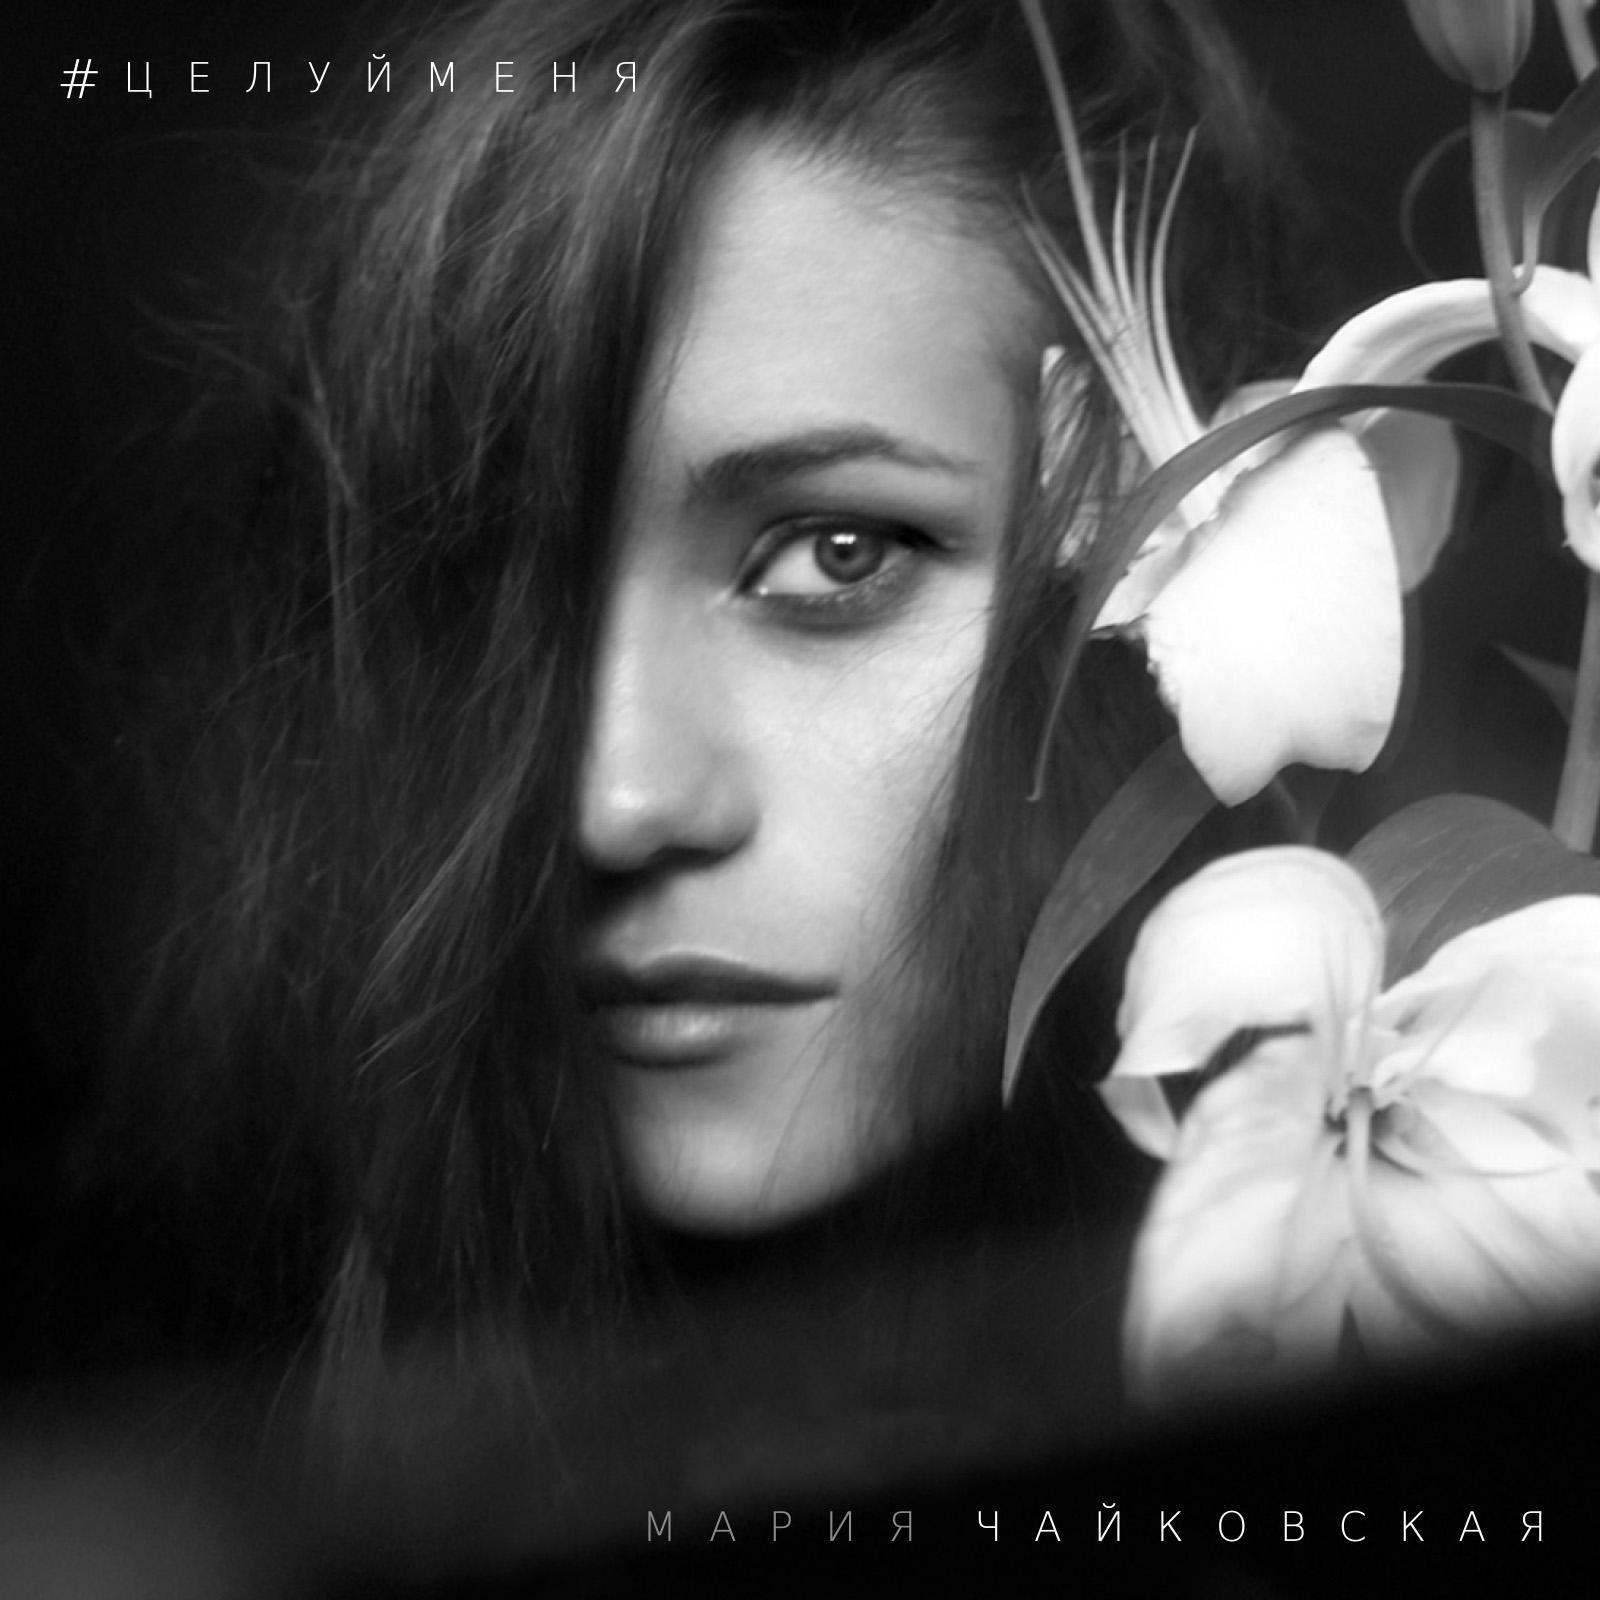 Мария Чайковская album Целуй меня